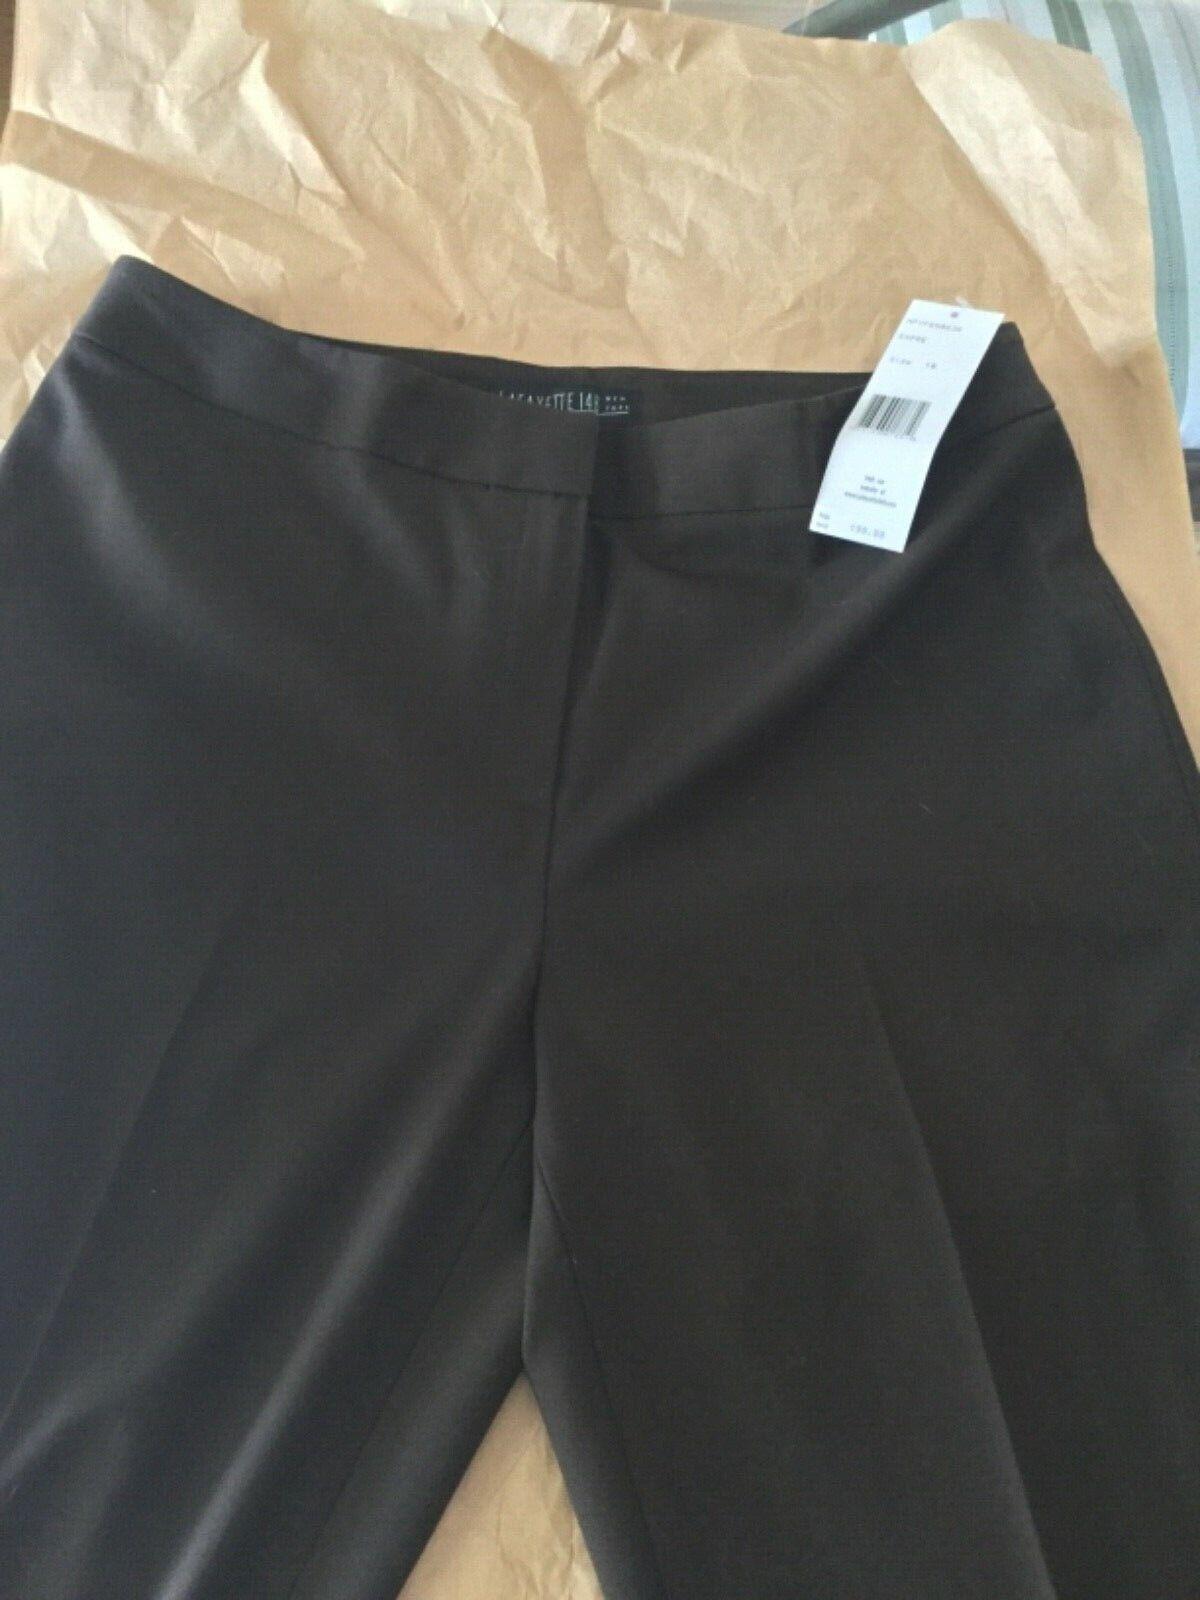 NEW Lafayette 148 Women's Espresso Brown Wool Dress Pants - 10P